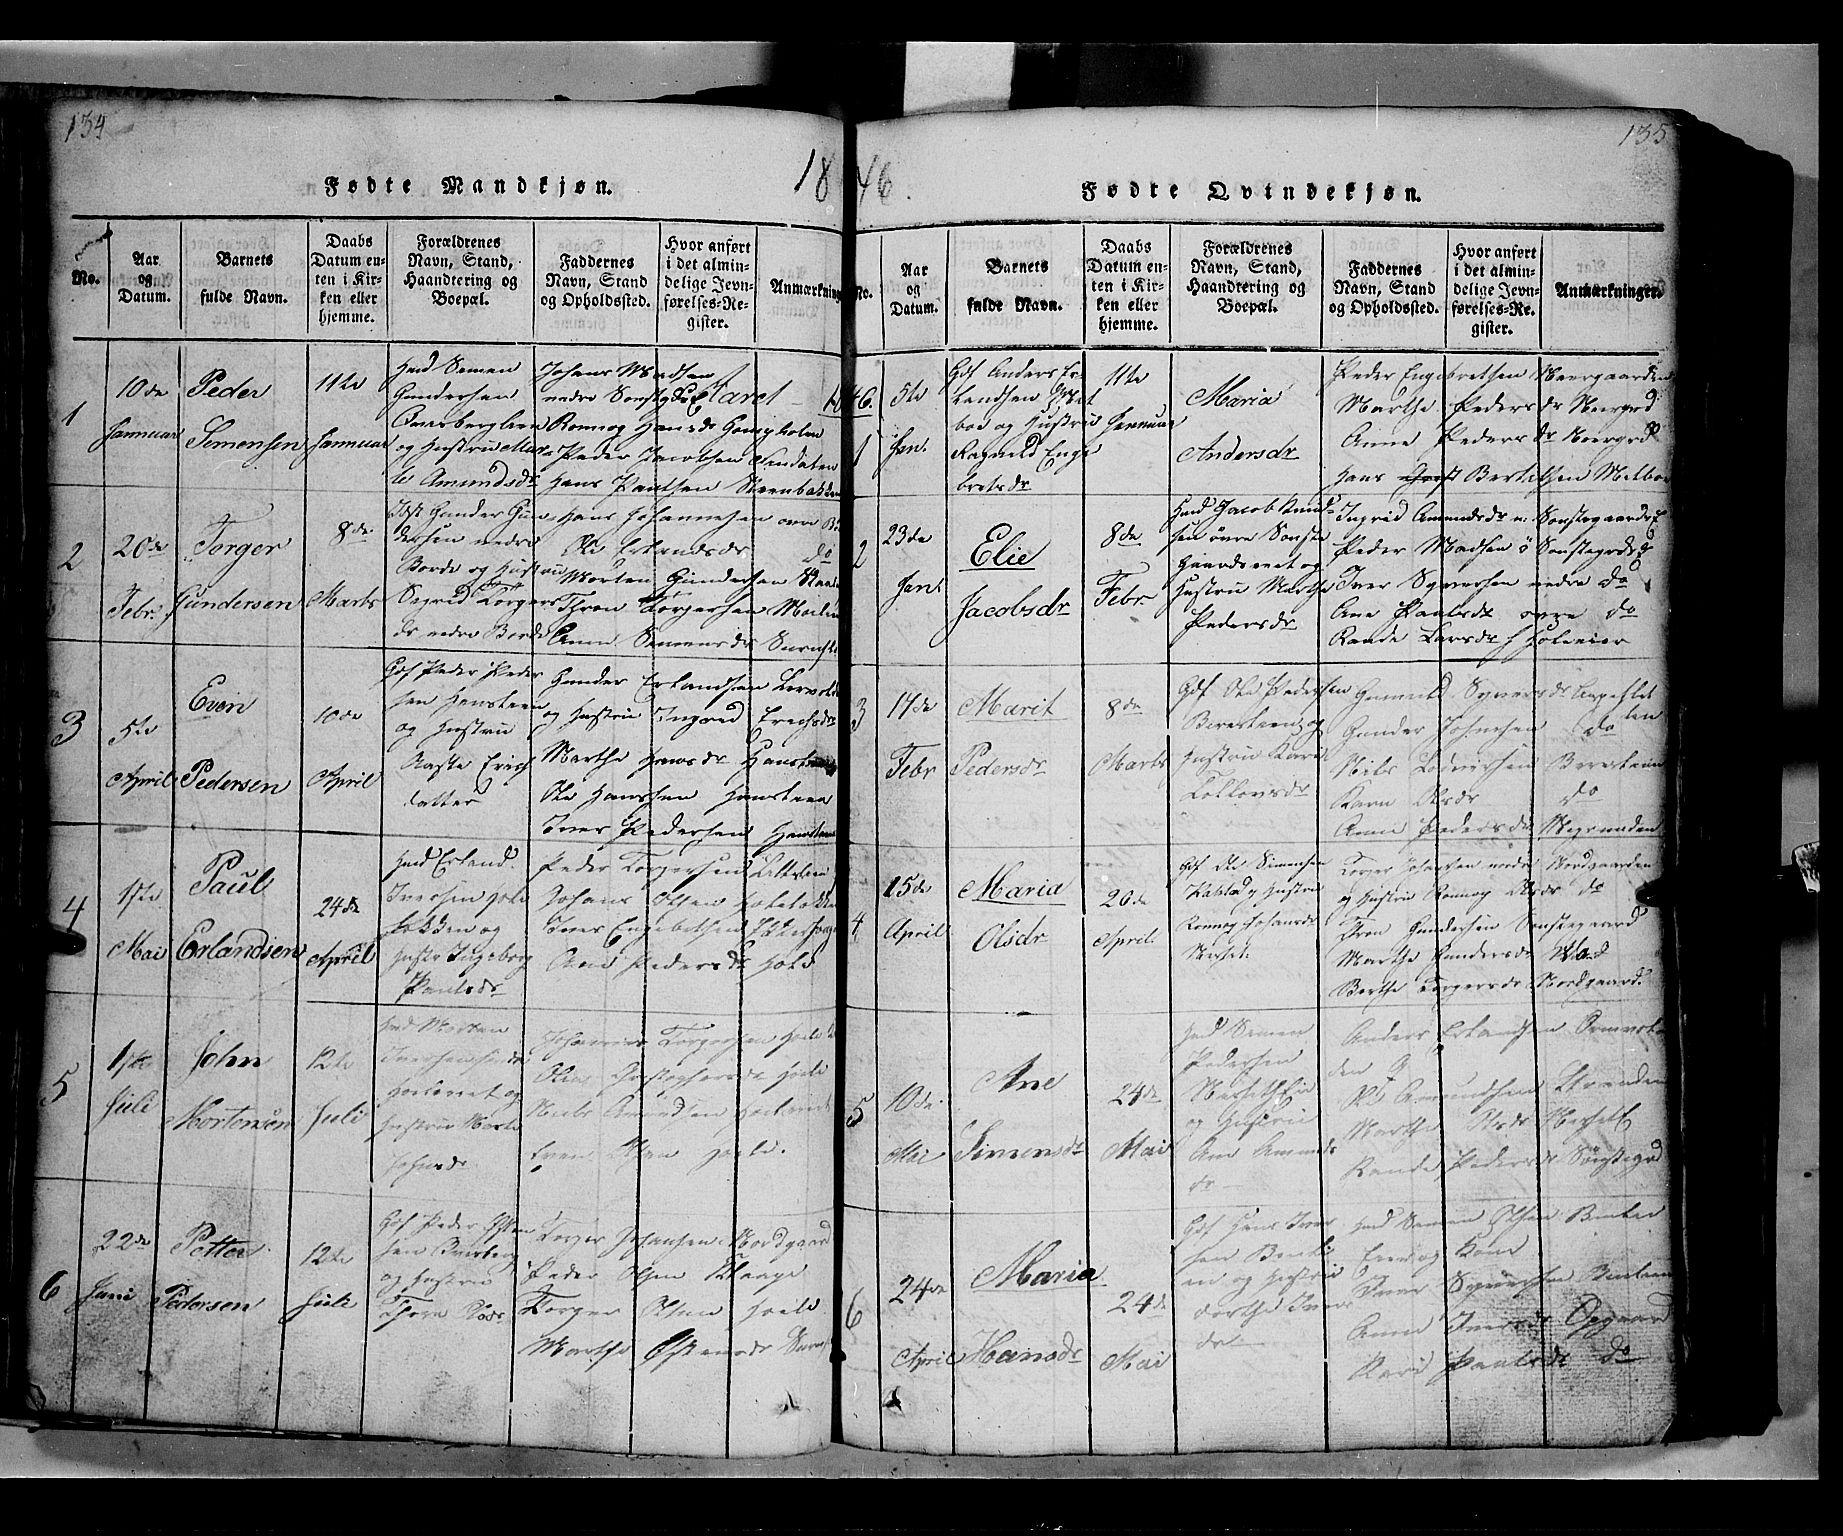 SAH, Gausdal prestekontor, Klokkerbok nr. 2, 1818-1874, s. 134-135